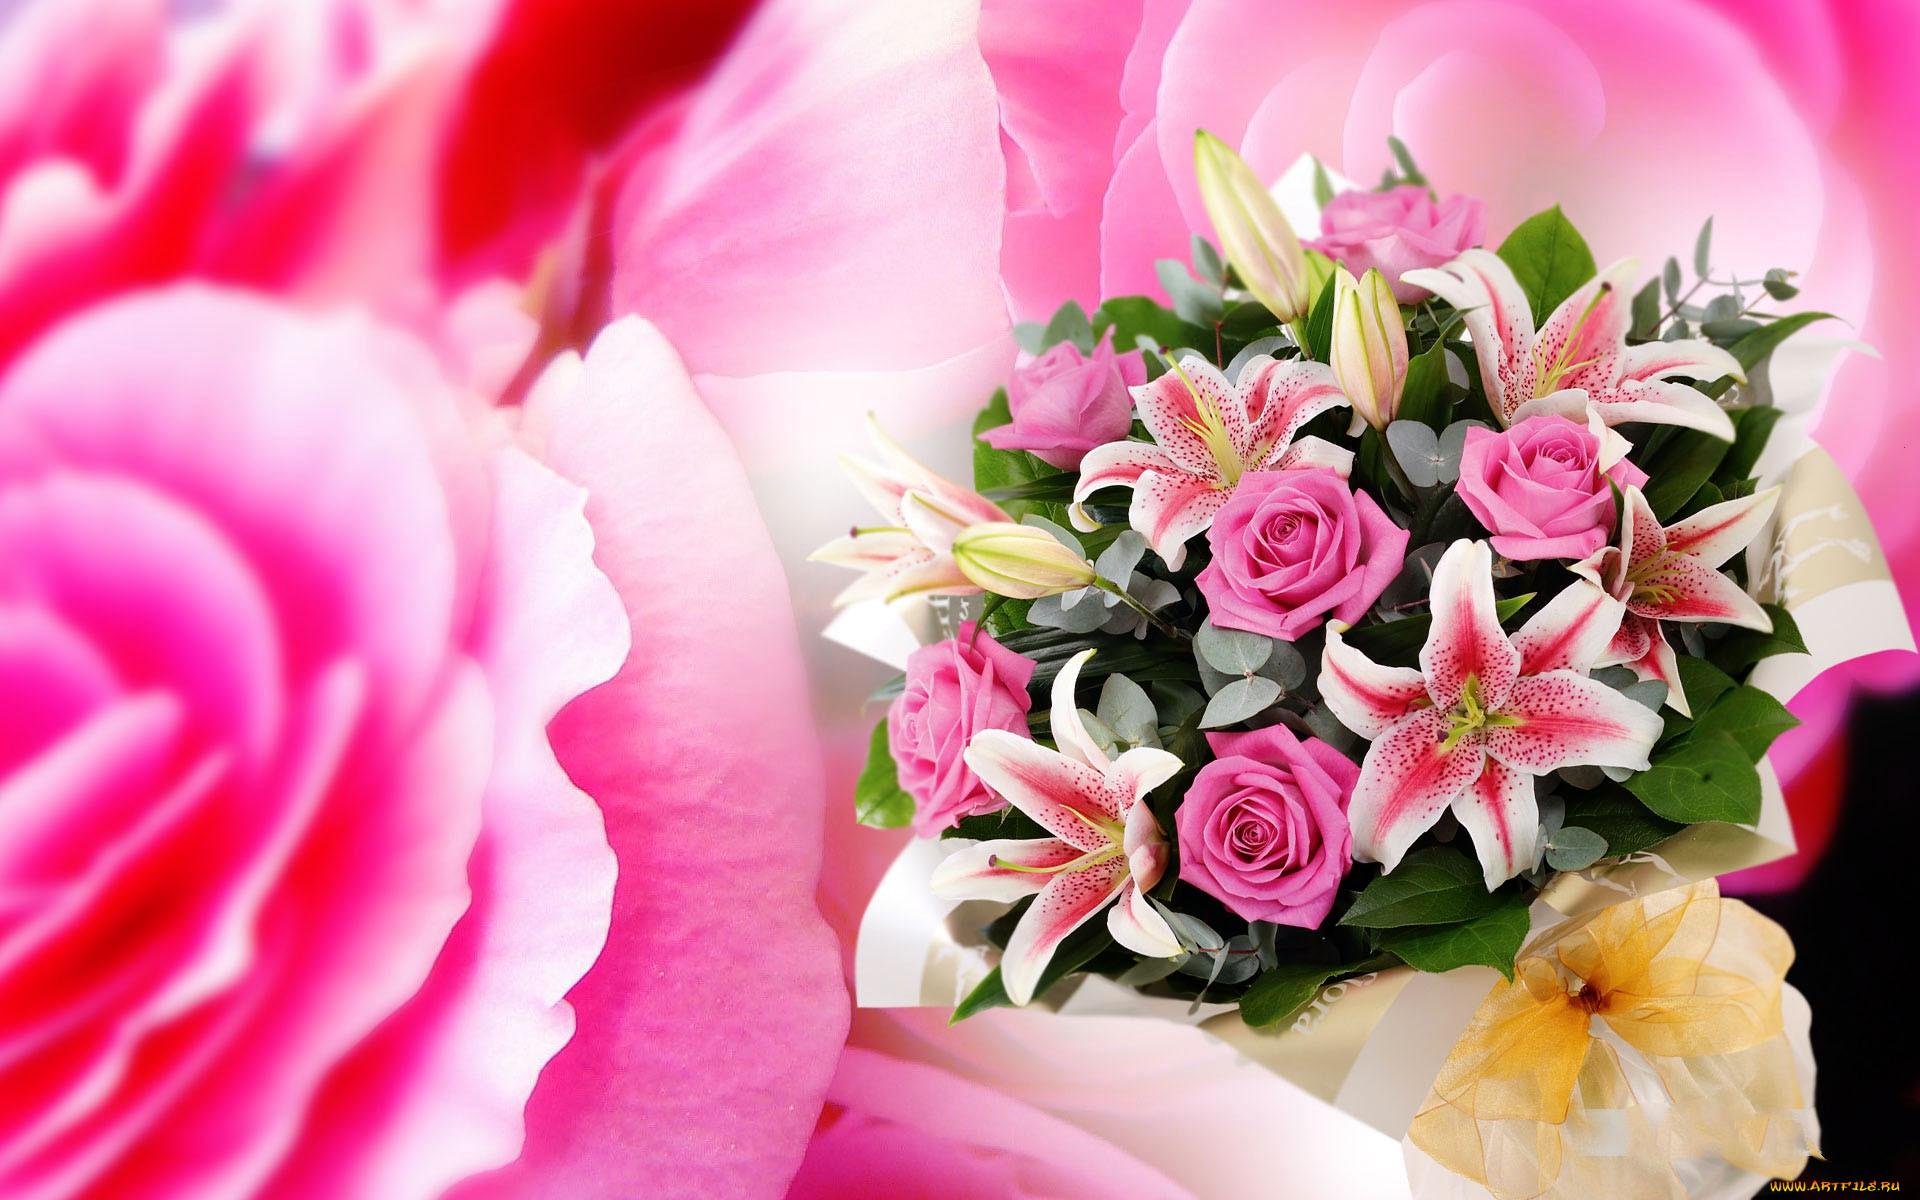 Фото с днем рождения сестре с цветами